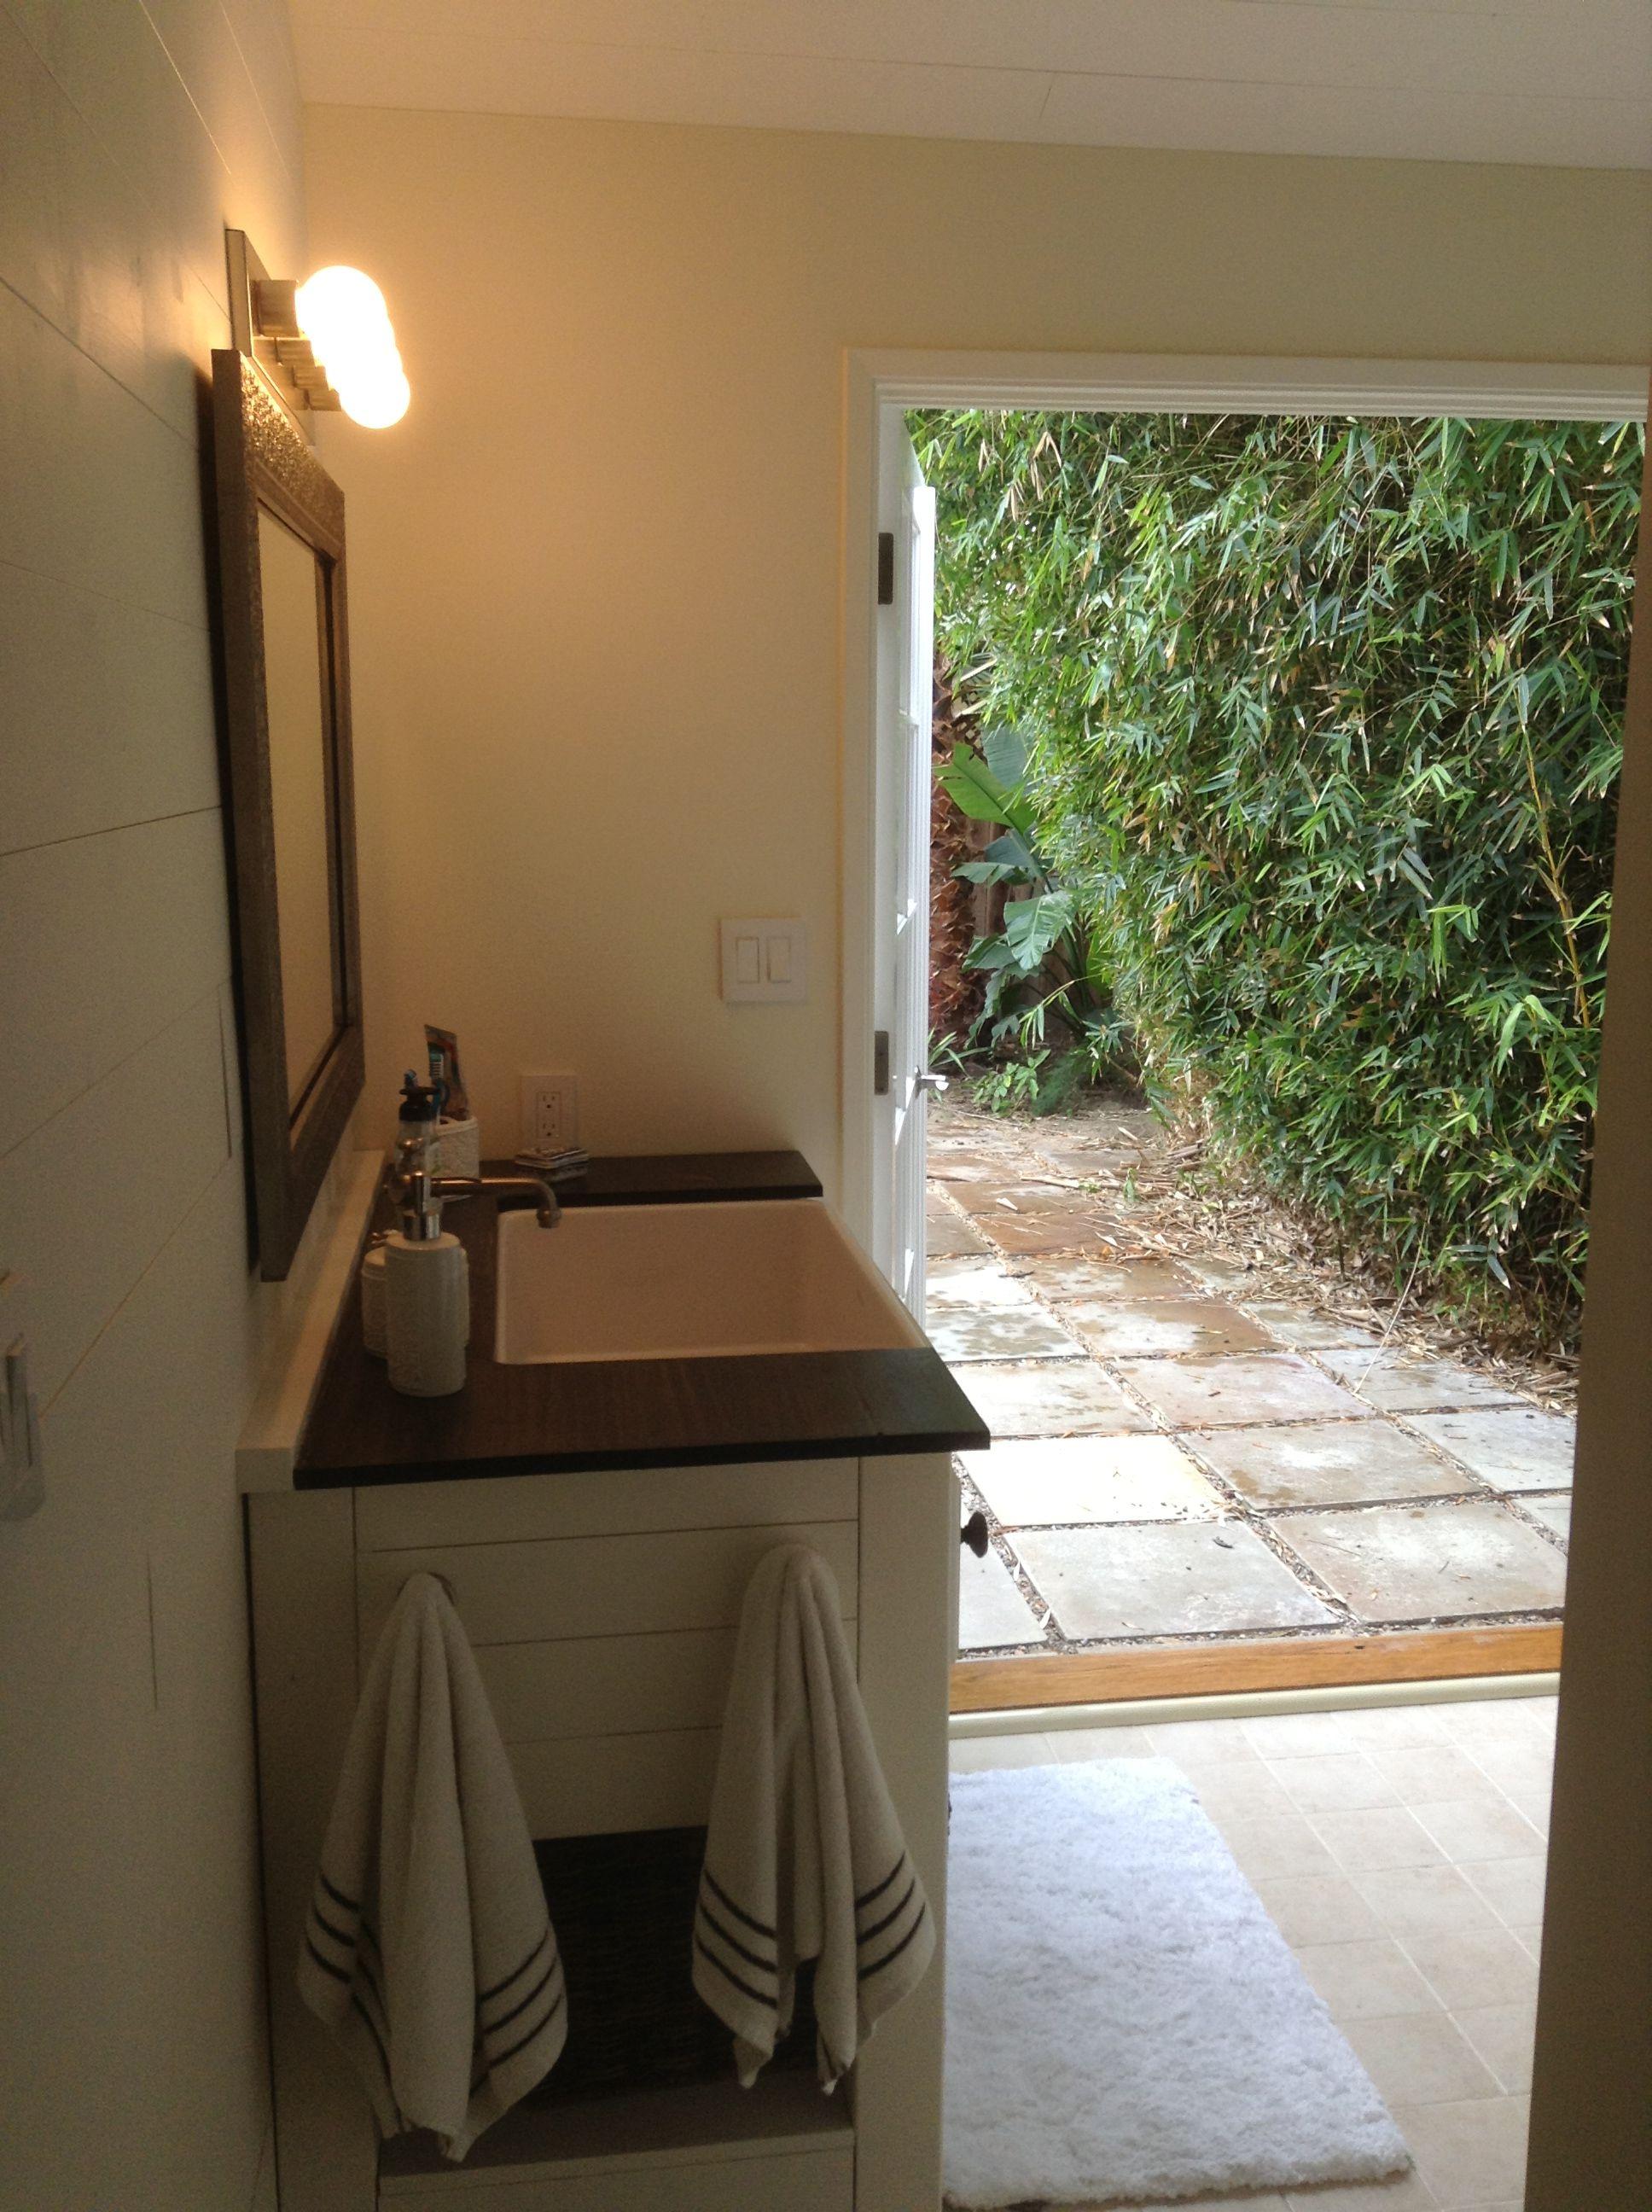 opened french doors to backyard indooroutdoor bathroom